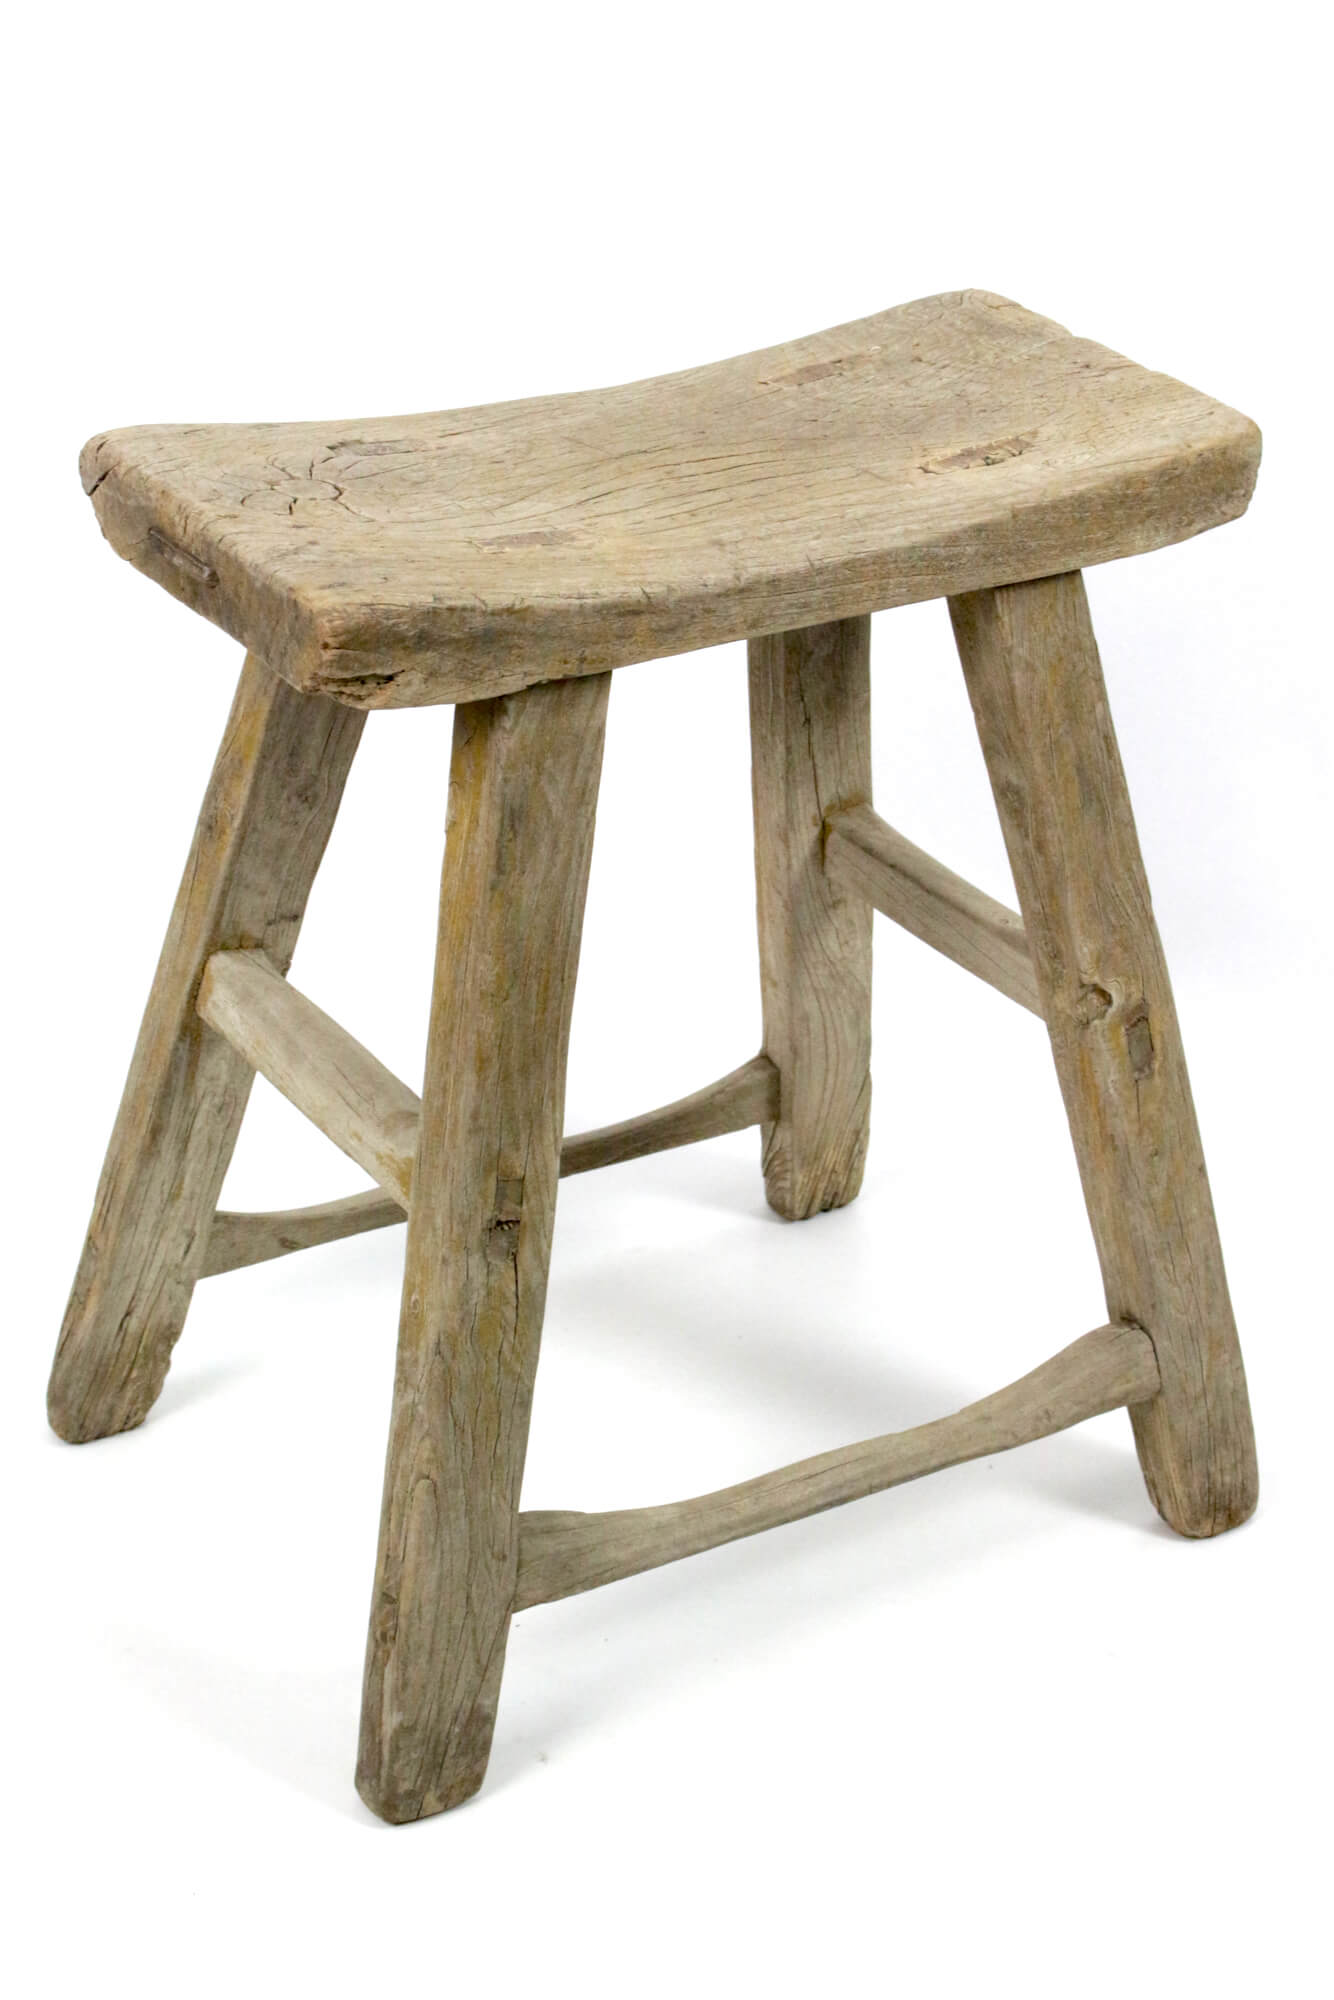 Holzhocker antik rustikal China Sattelform